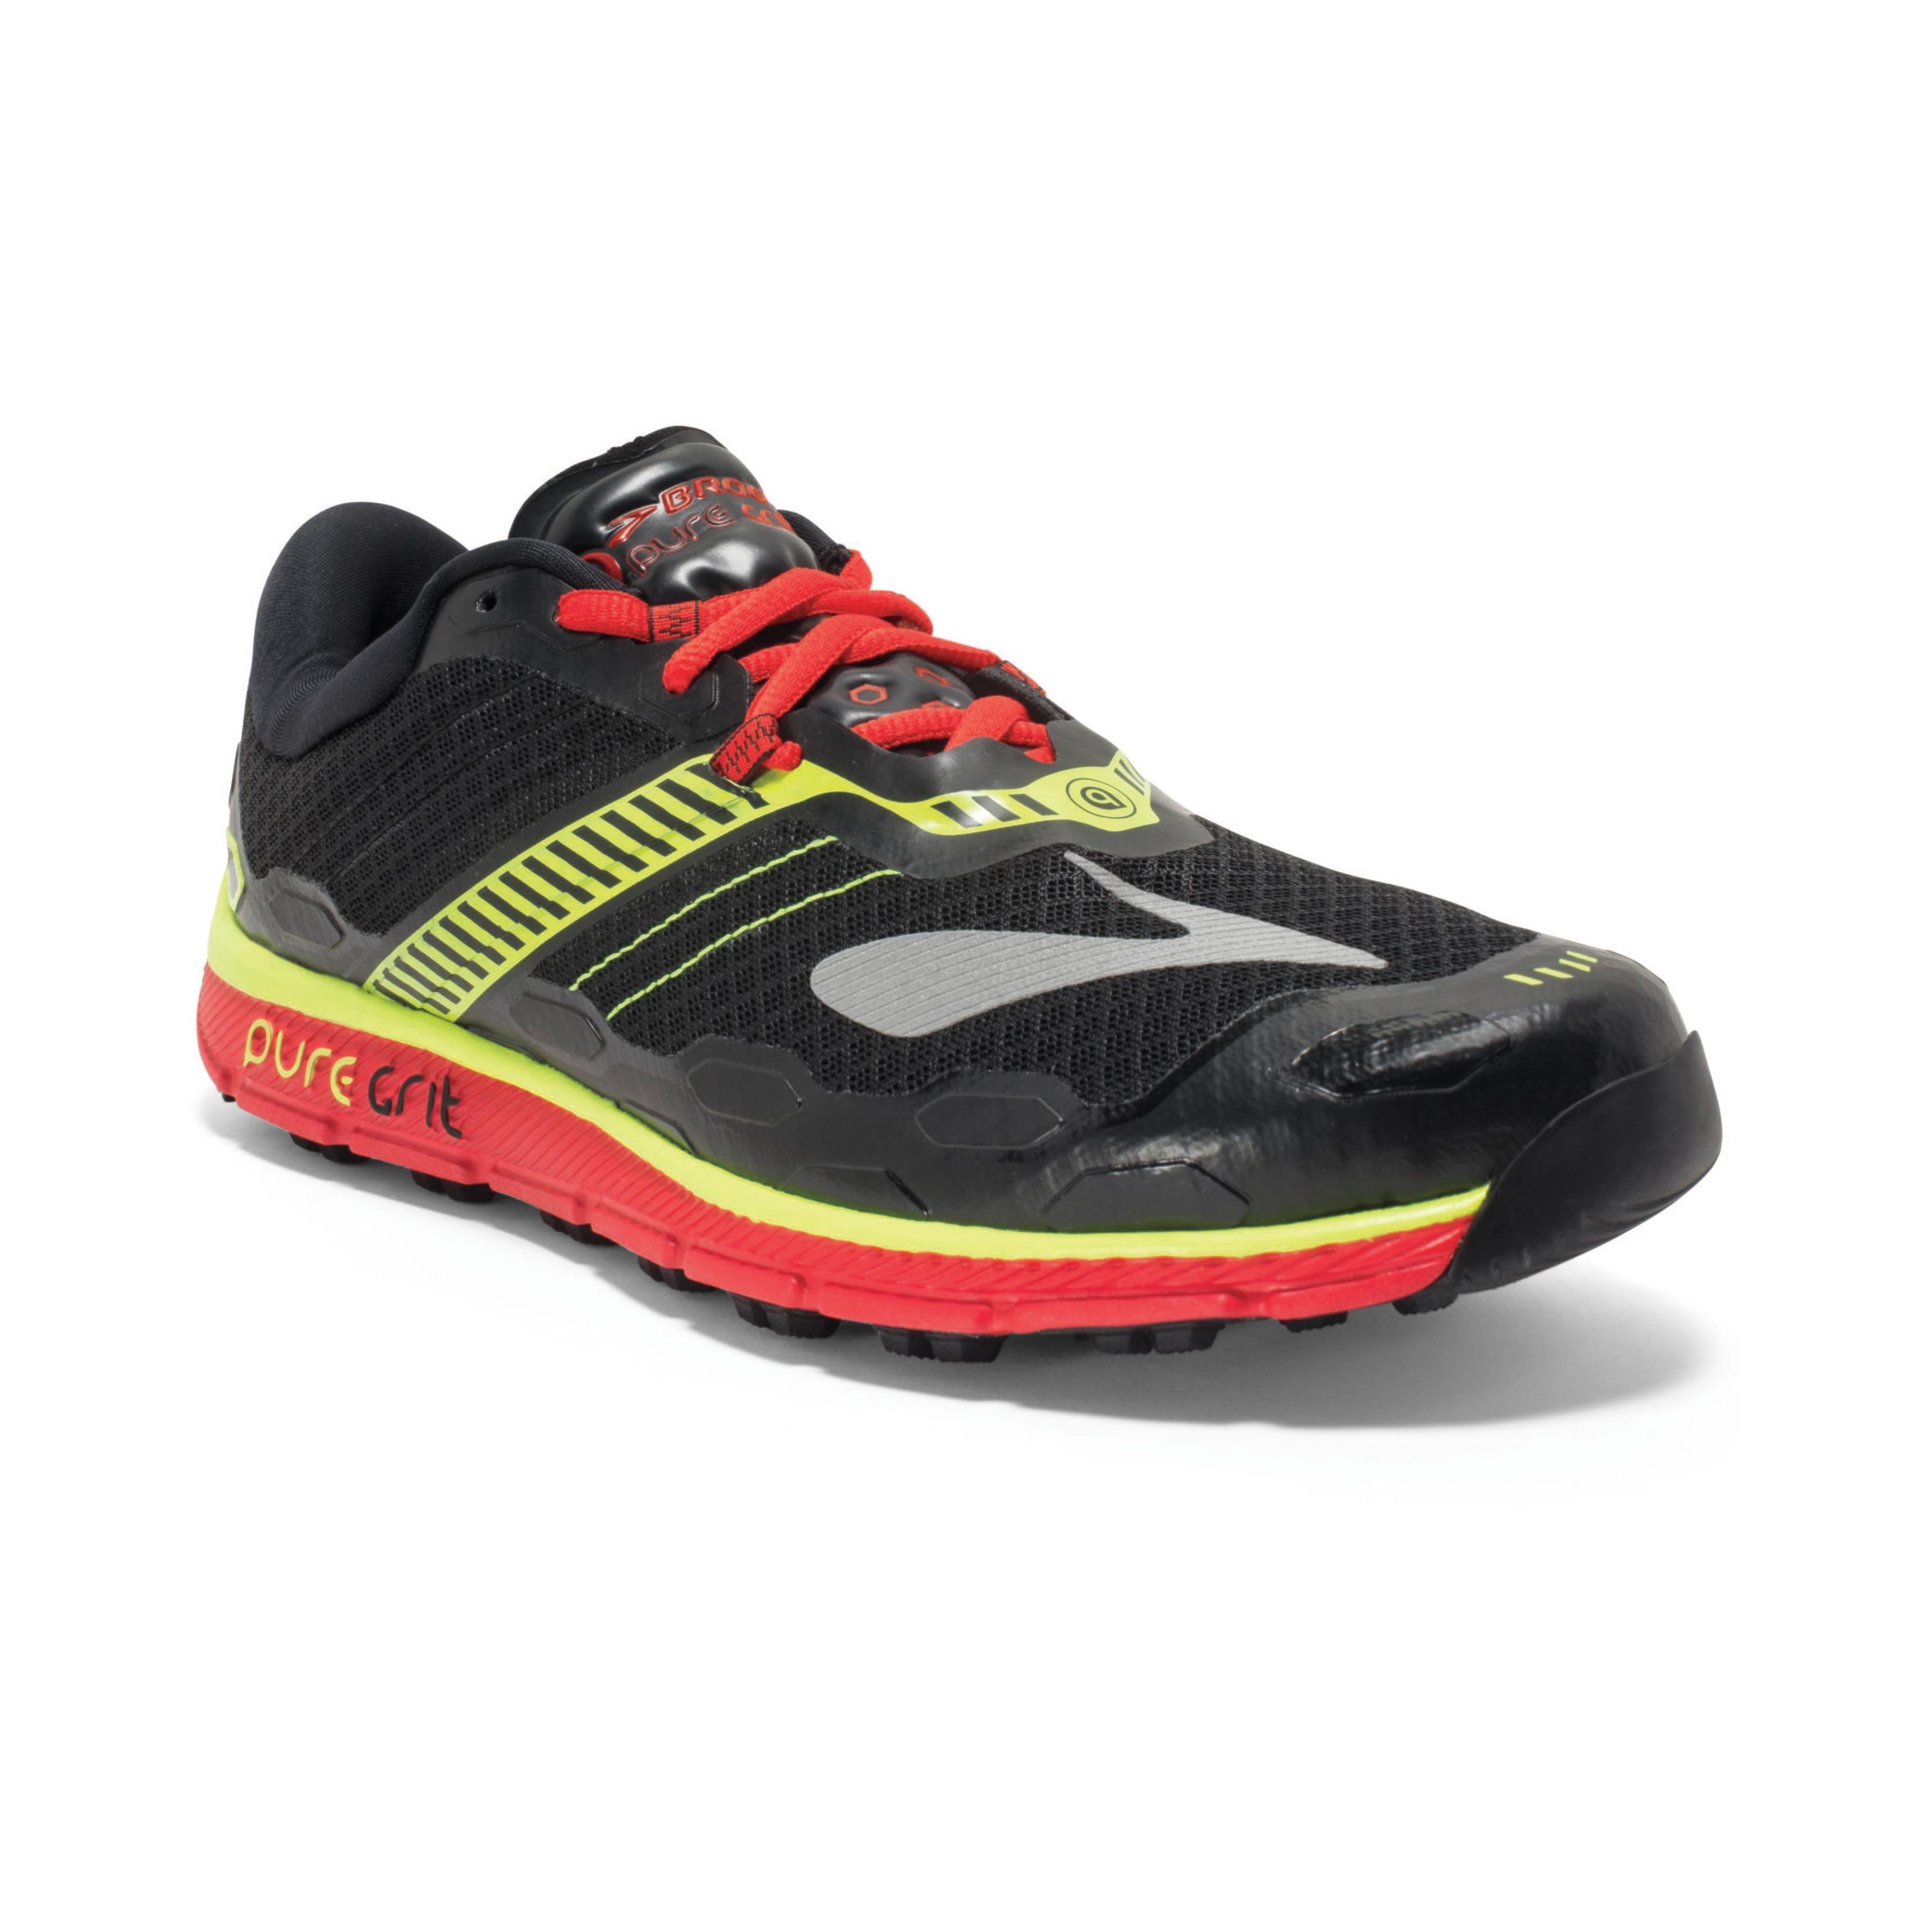 5101d17185b Achat de chaussures de sport adulte homme jaune perméable trail ...